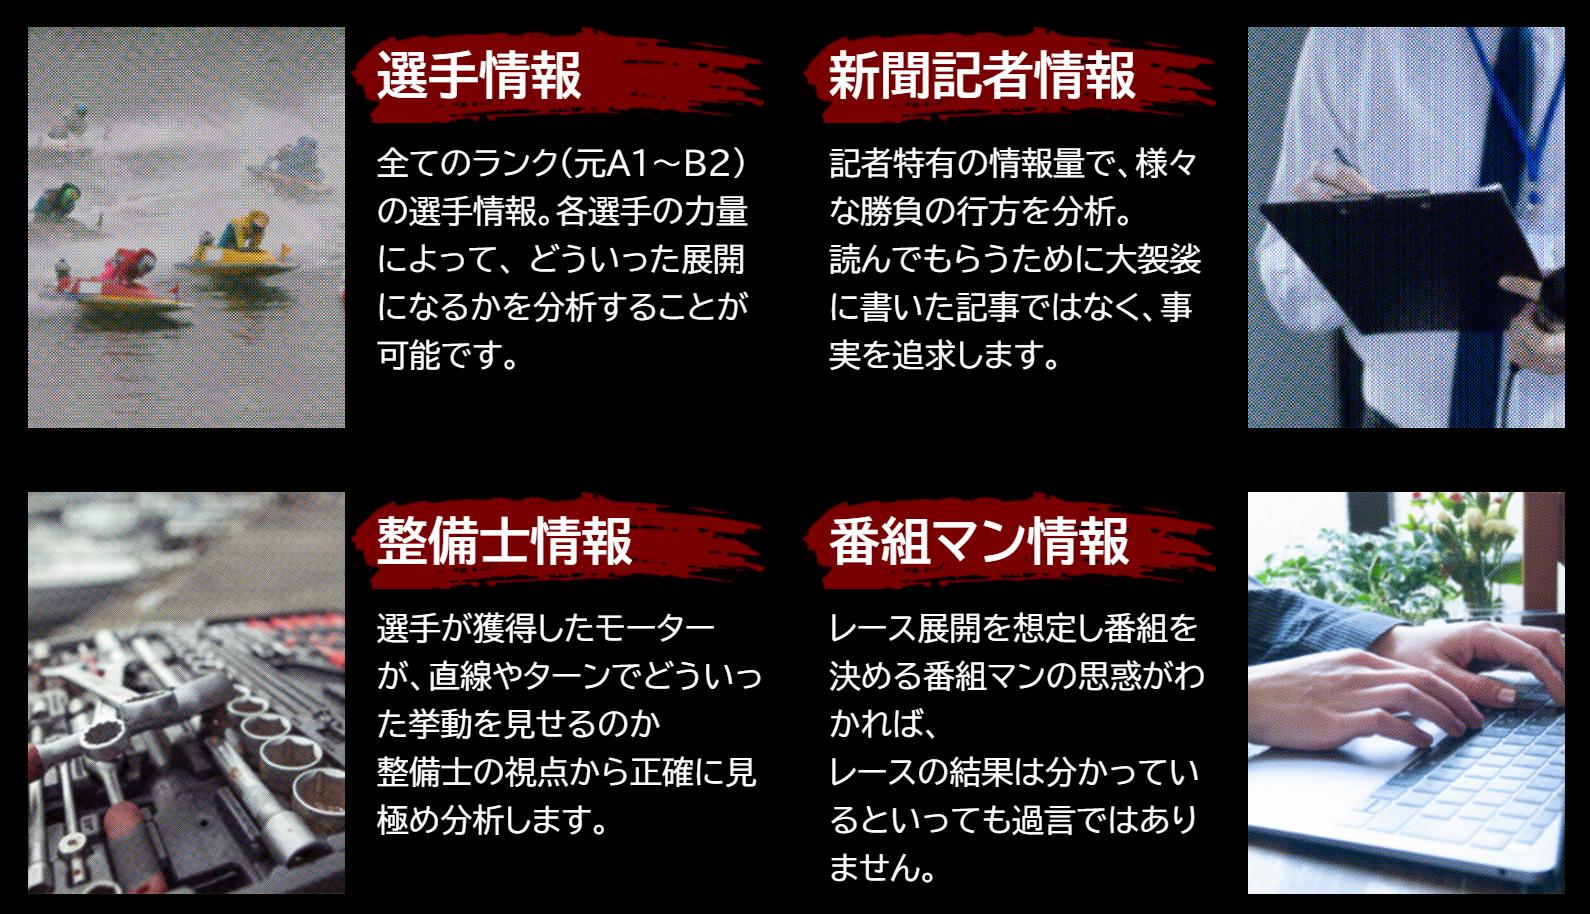 サラリーマン_情報